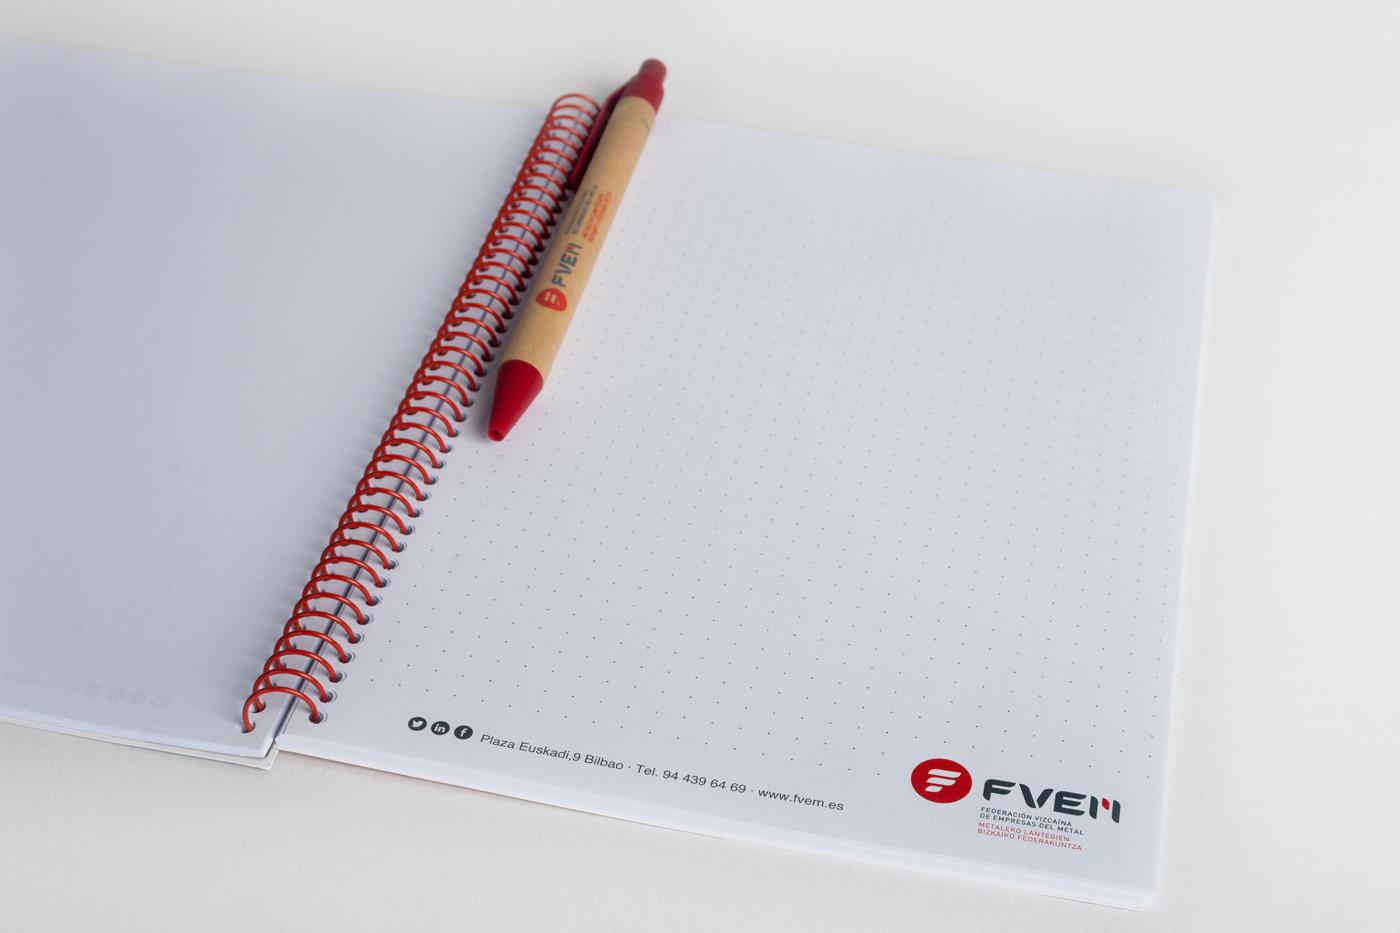 Cuaderno Papelería FVEM